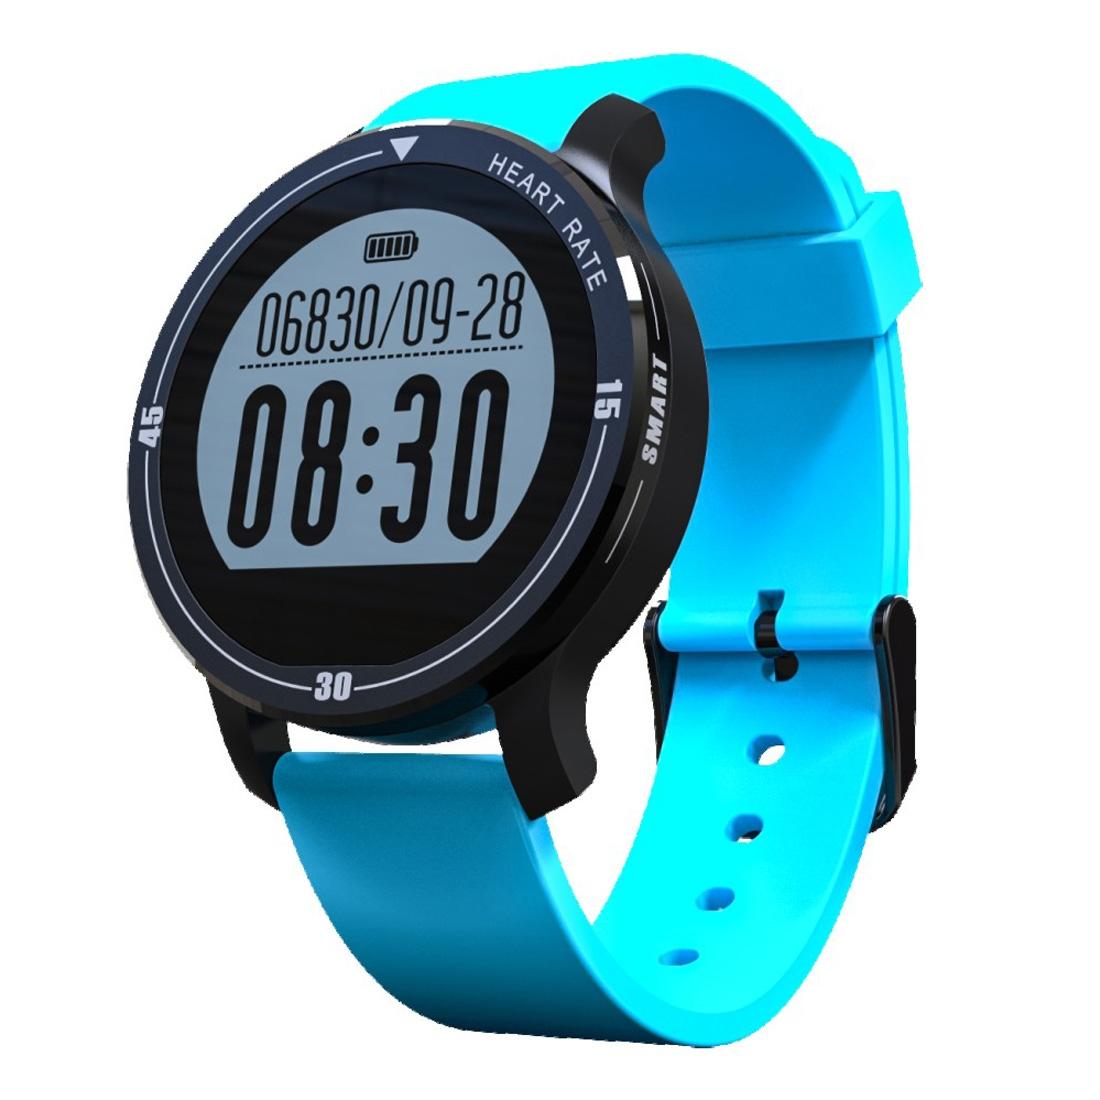 Xiaomi Xiaomi - S200 Aerobic Fitness Sport Inteligentní hodinky pro iOS / Android, IP67 Vodotěsné, Pedometr, Dotyková obrazovka, Denní kroky, Připomenutí volání, Sedavé připomenutí, Monitor spánku, modrá